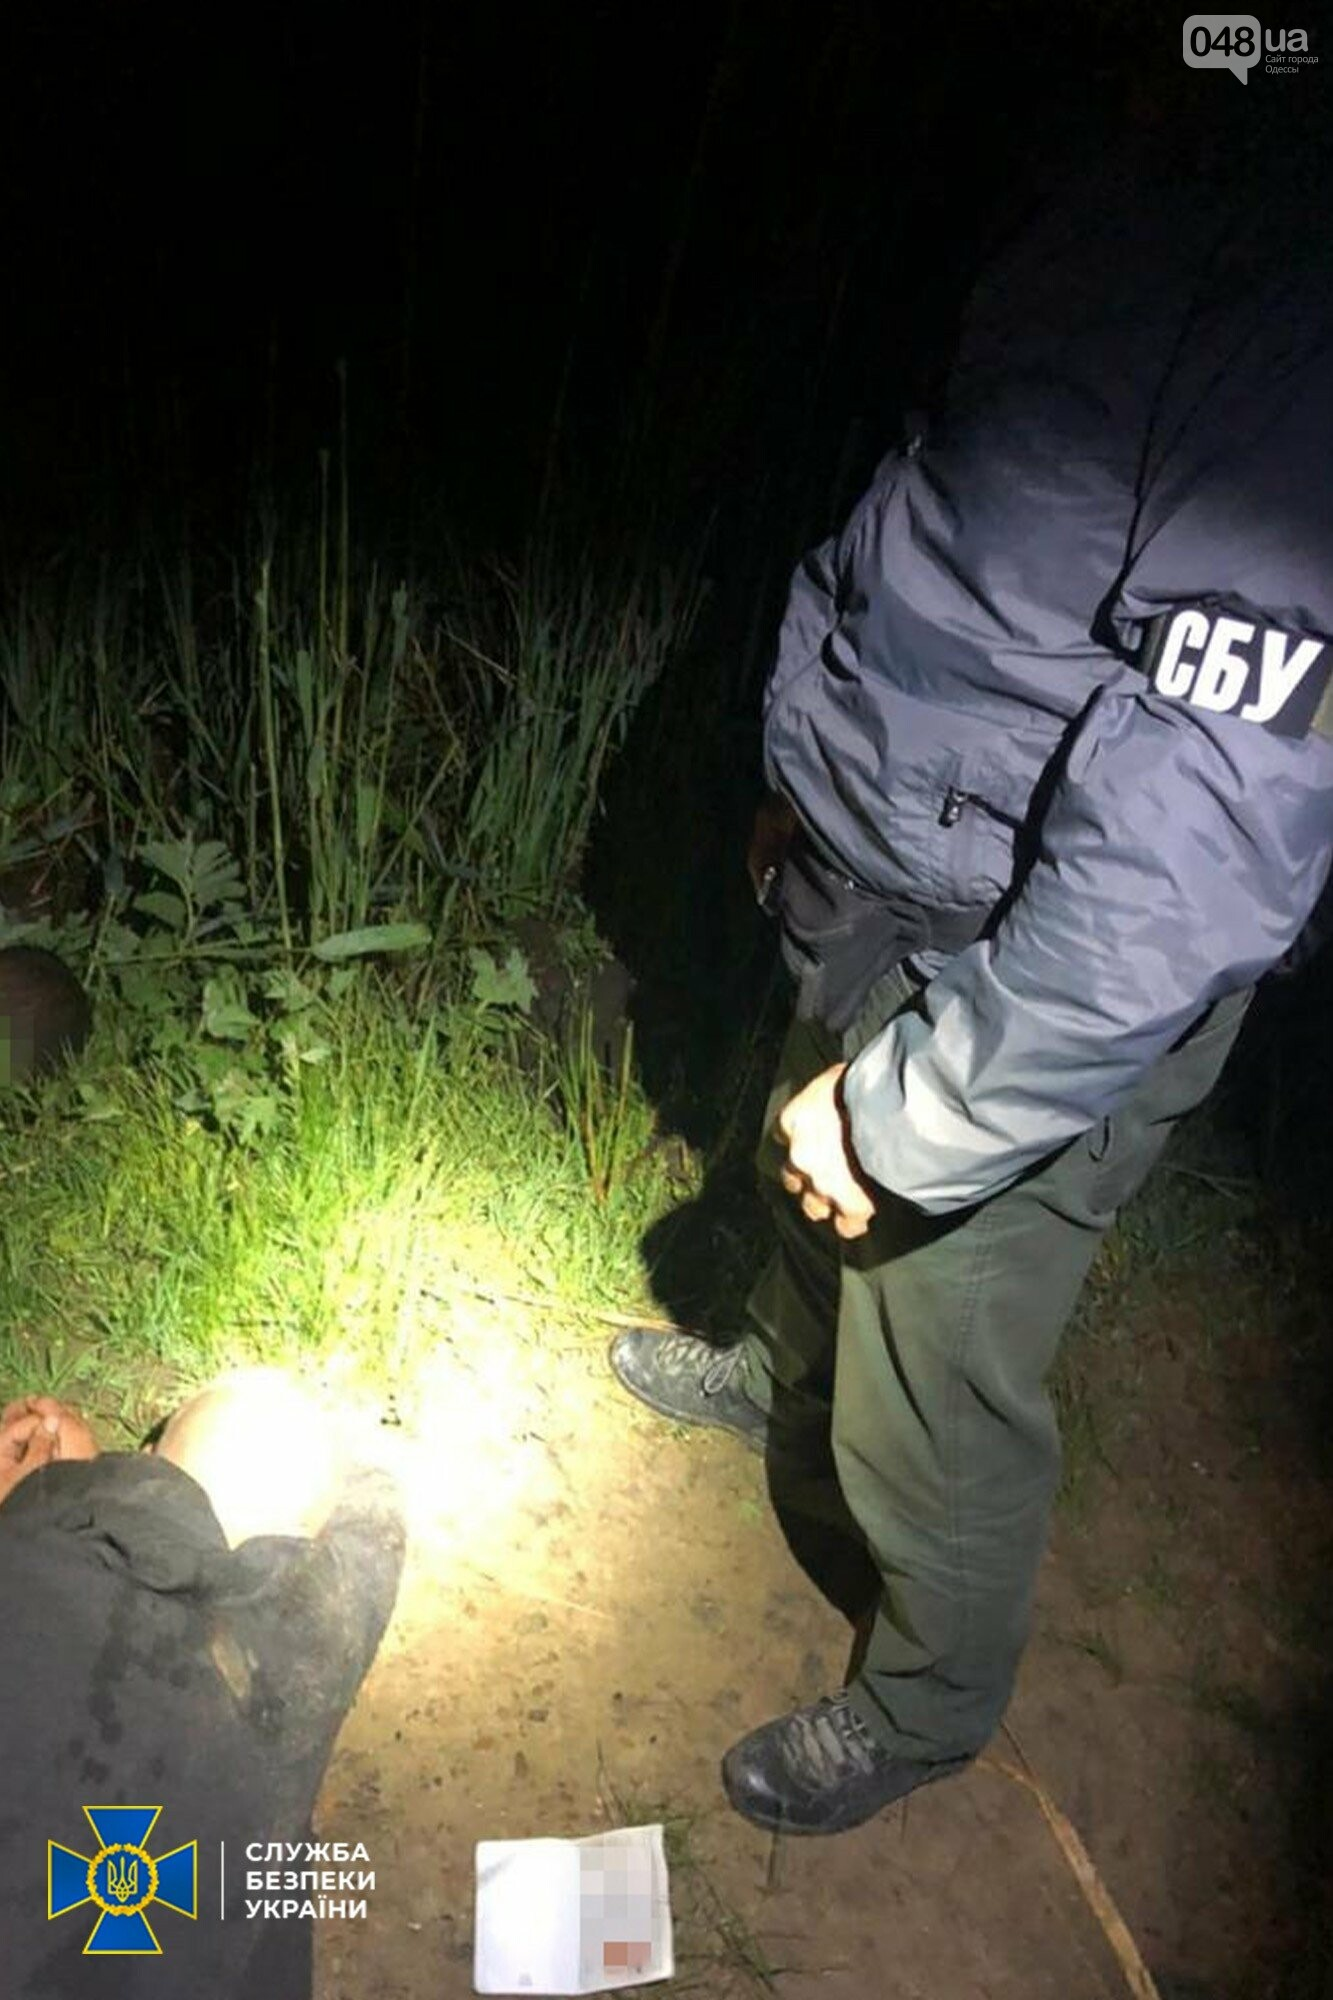 Оружие, контрабанда и нелегалы: сотрудники СБУ разоблачили международную преступную группу, - ФОТО, фото-4